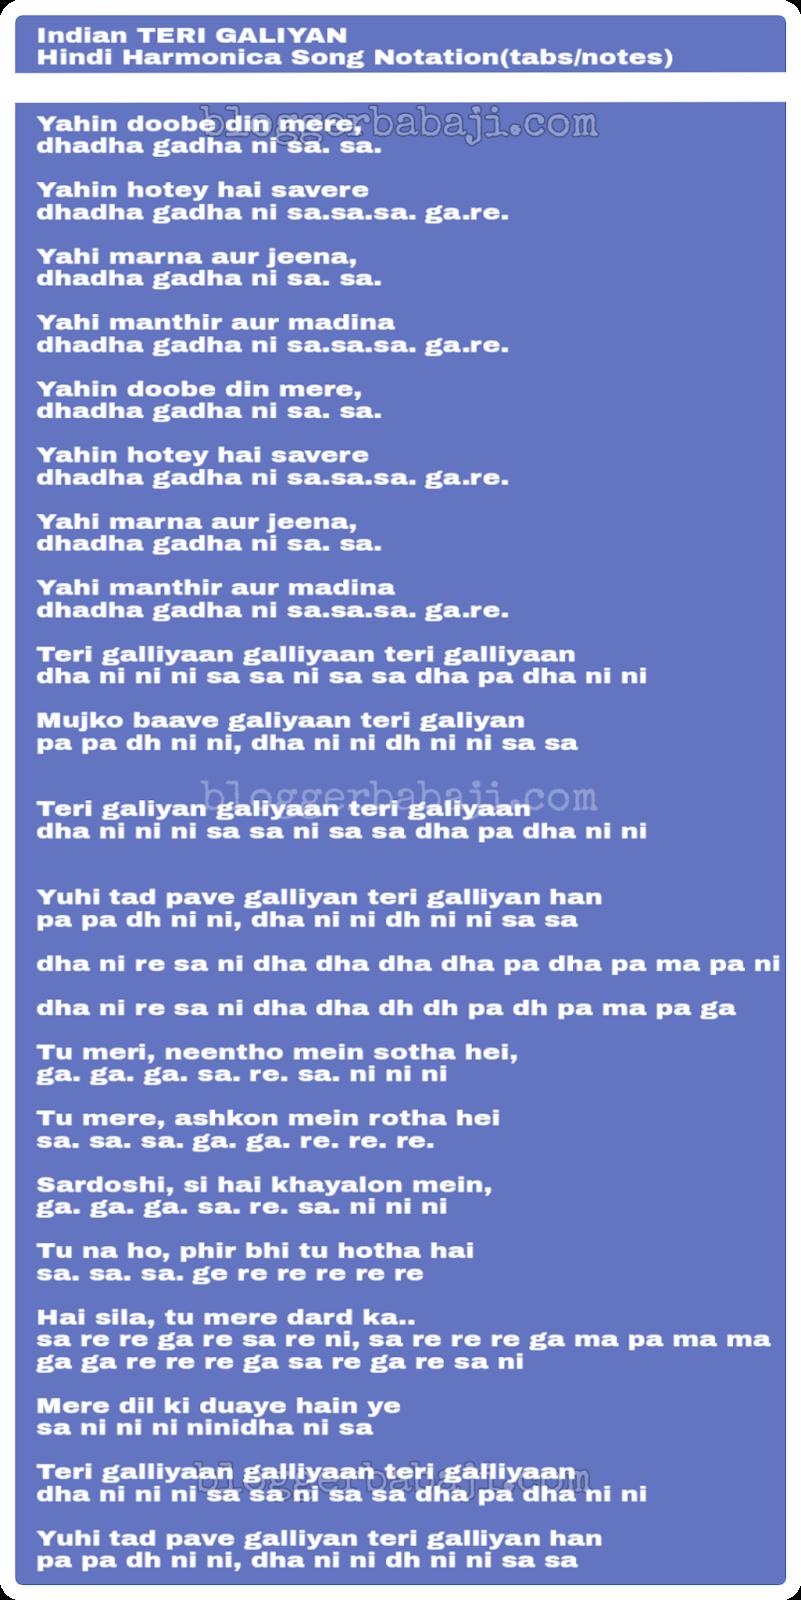 Teri Galiyan Song Harmonica Notes Bollywood Songs Harmonica Notations Easy song notations for beginners. teri galiyan song harmonica notes